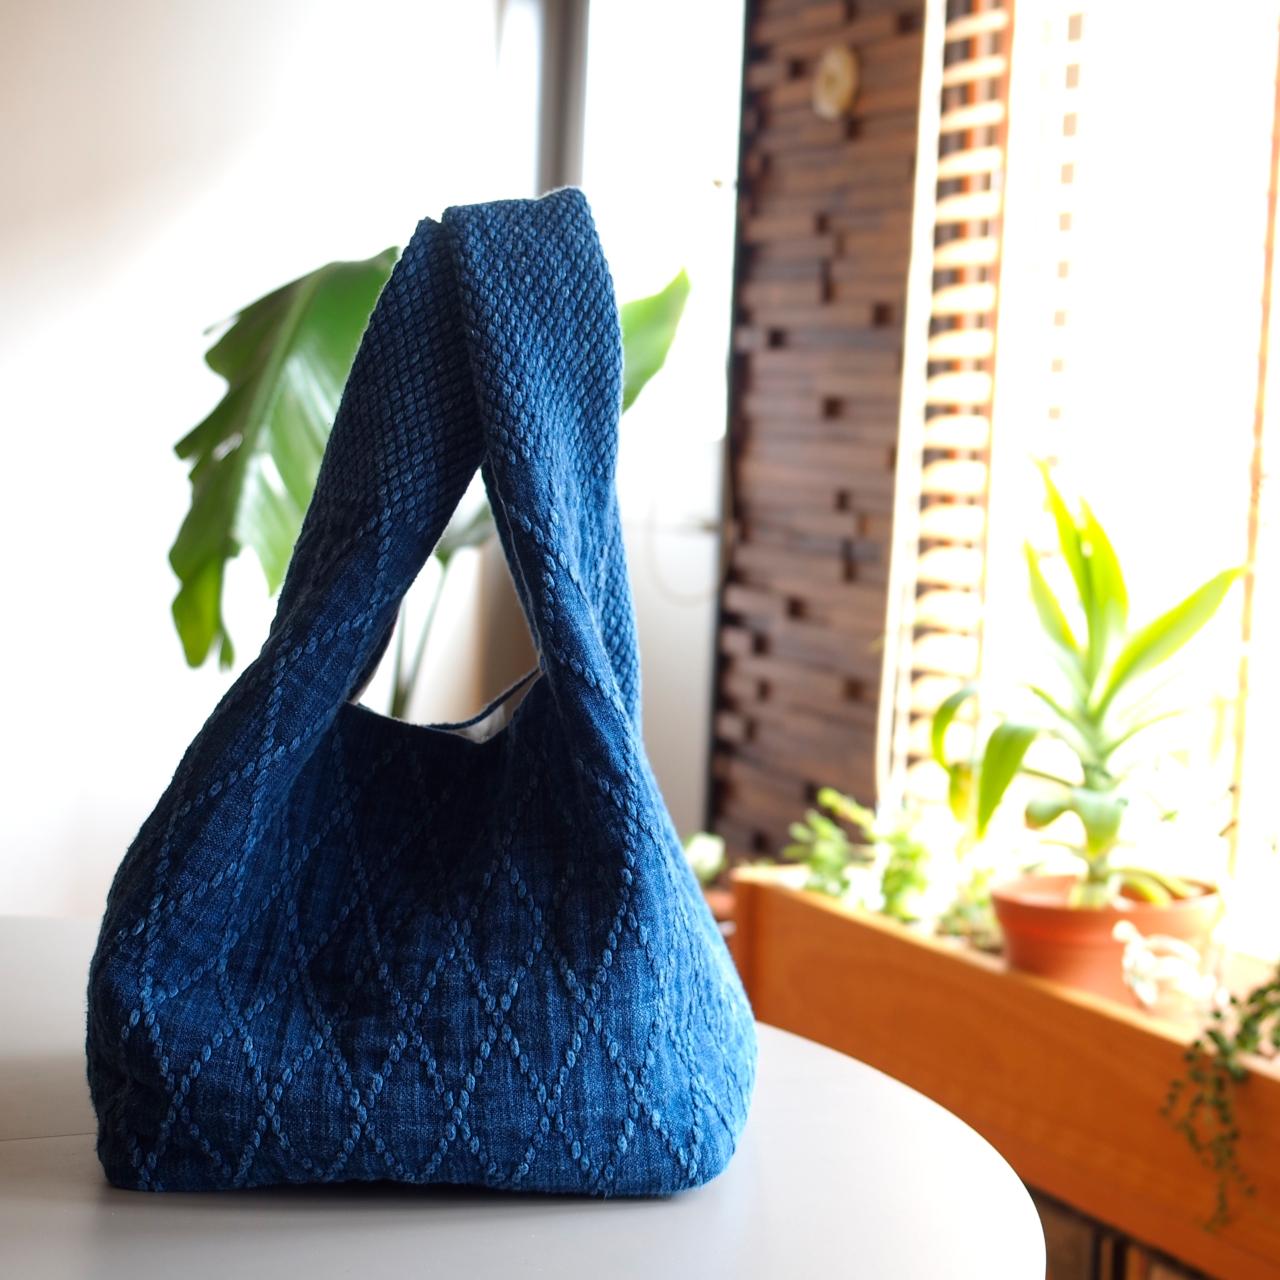 藍染 刺子生地のおしゃれなバッグ! 剣道着にも使用される生地で、丈夫で経年変化も楽しめる!